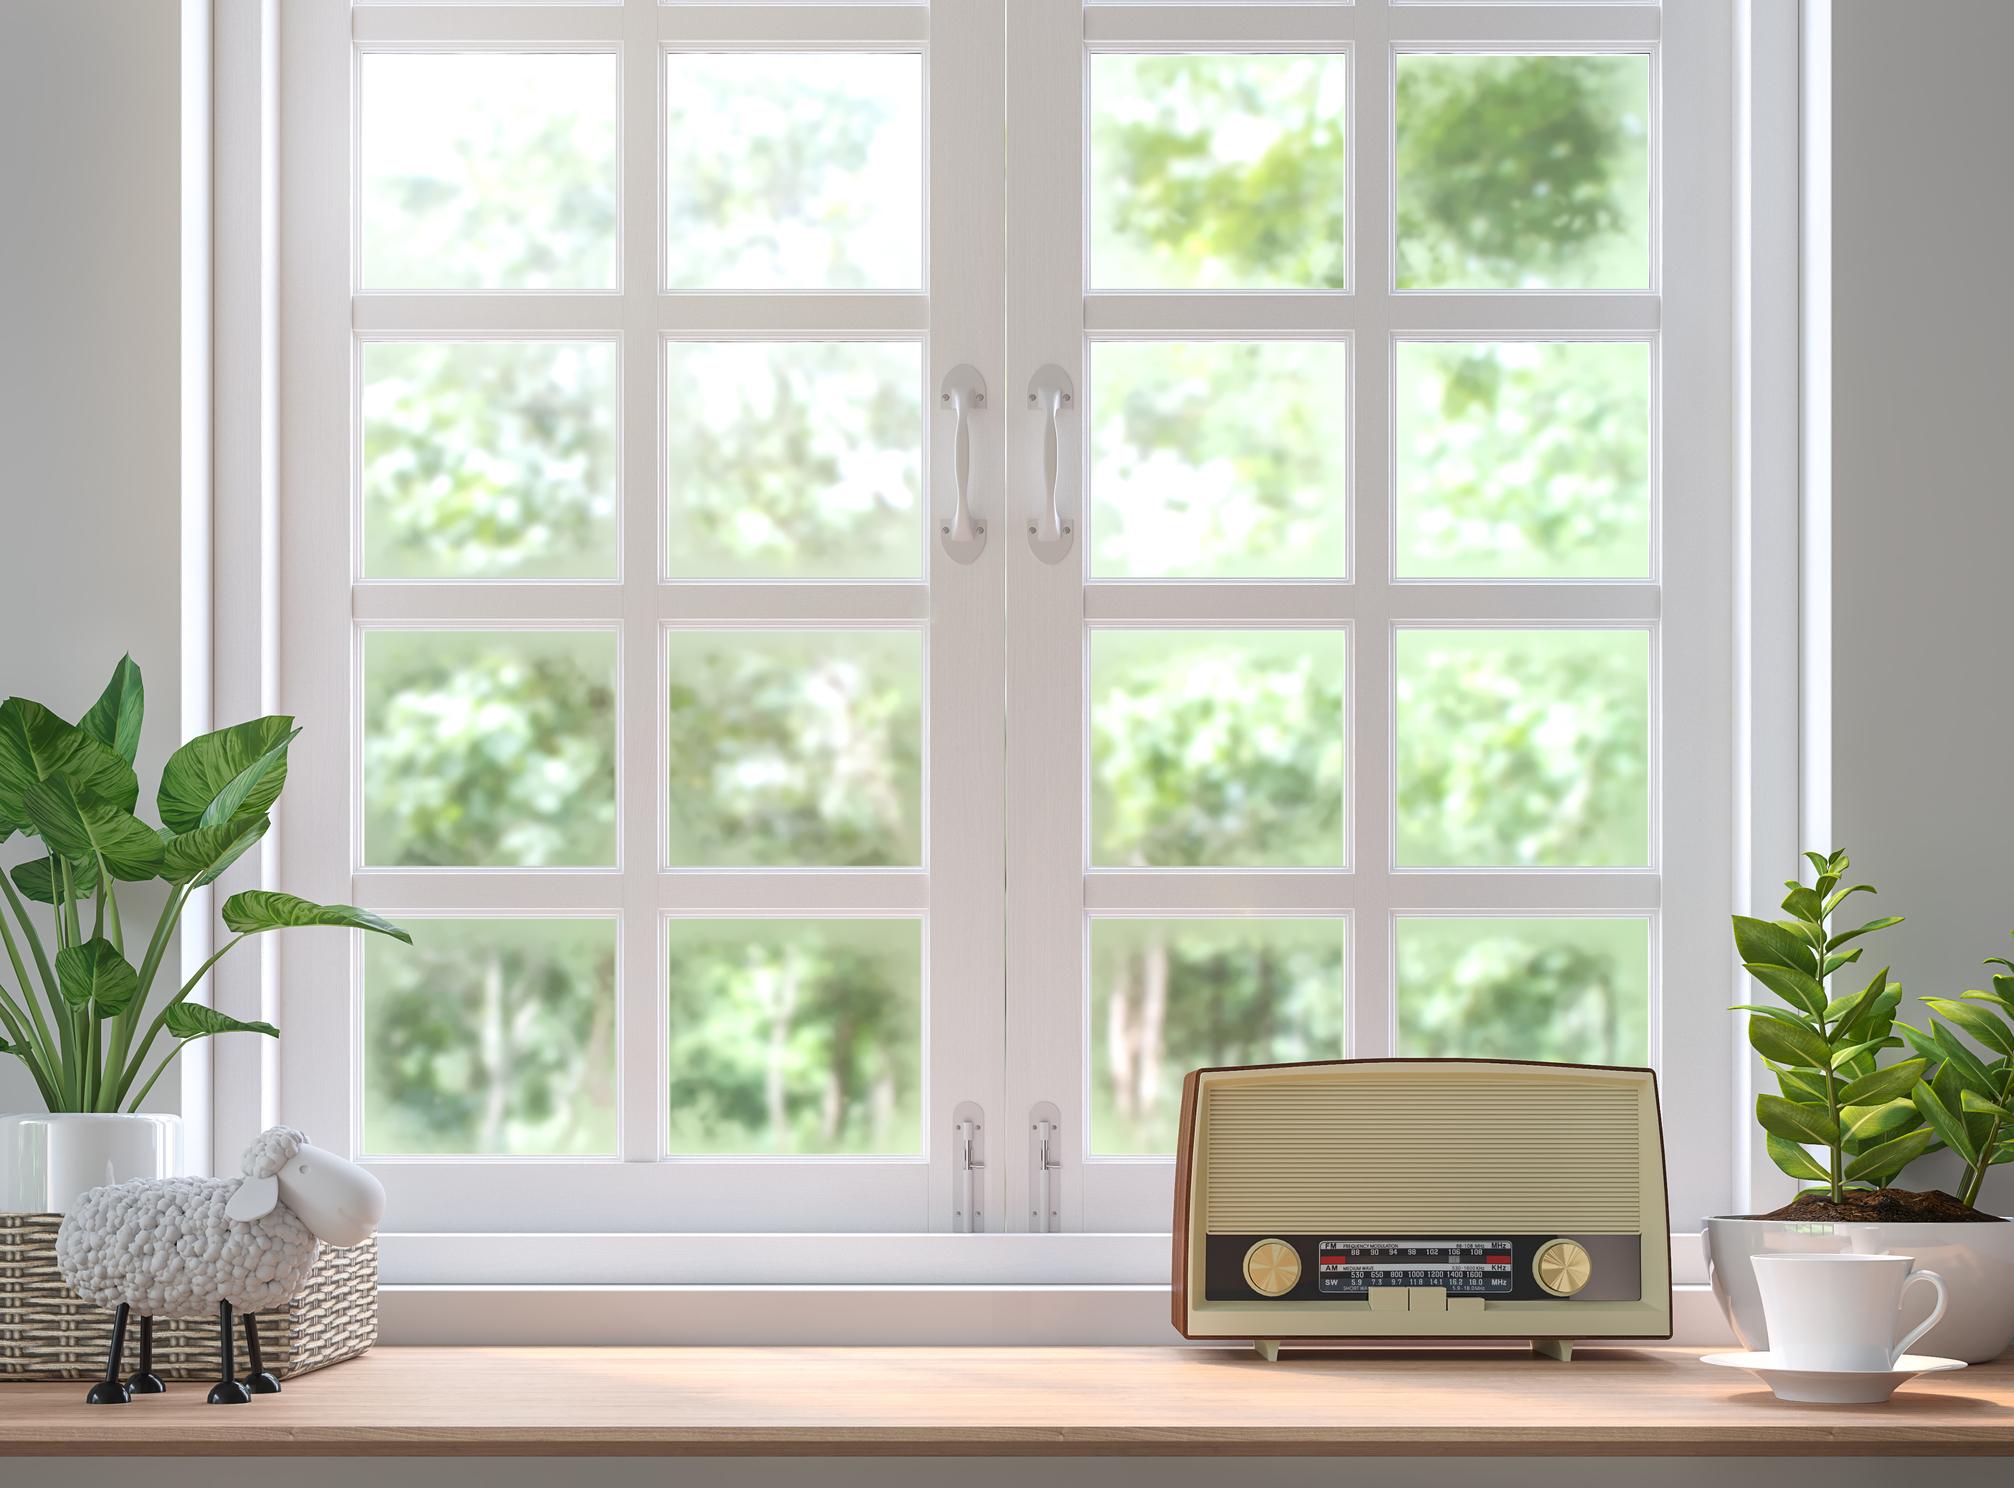 Подсигурете си музика в спалнята. Тя създава по-приятна атмосфера, за разлика от телевизията, която по-скоро може да ви разсейва.